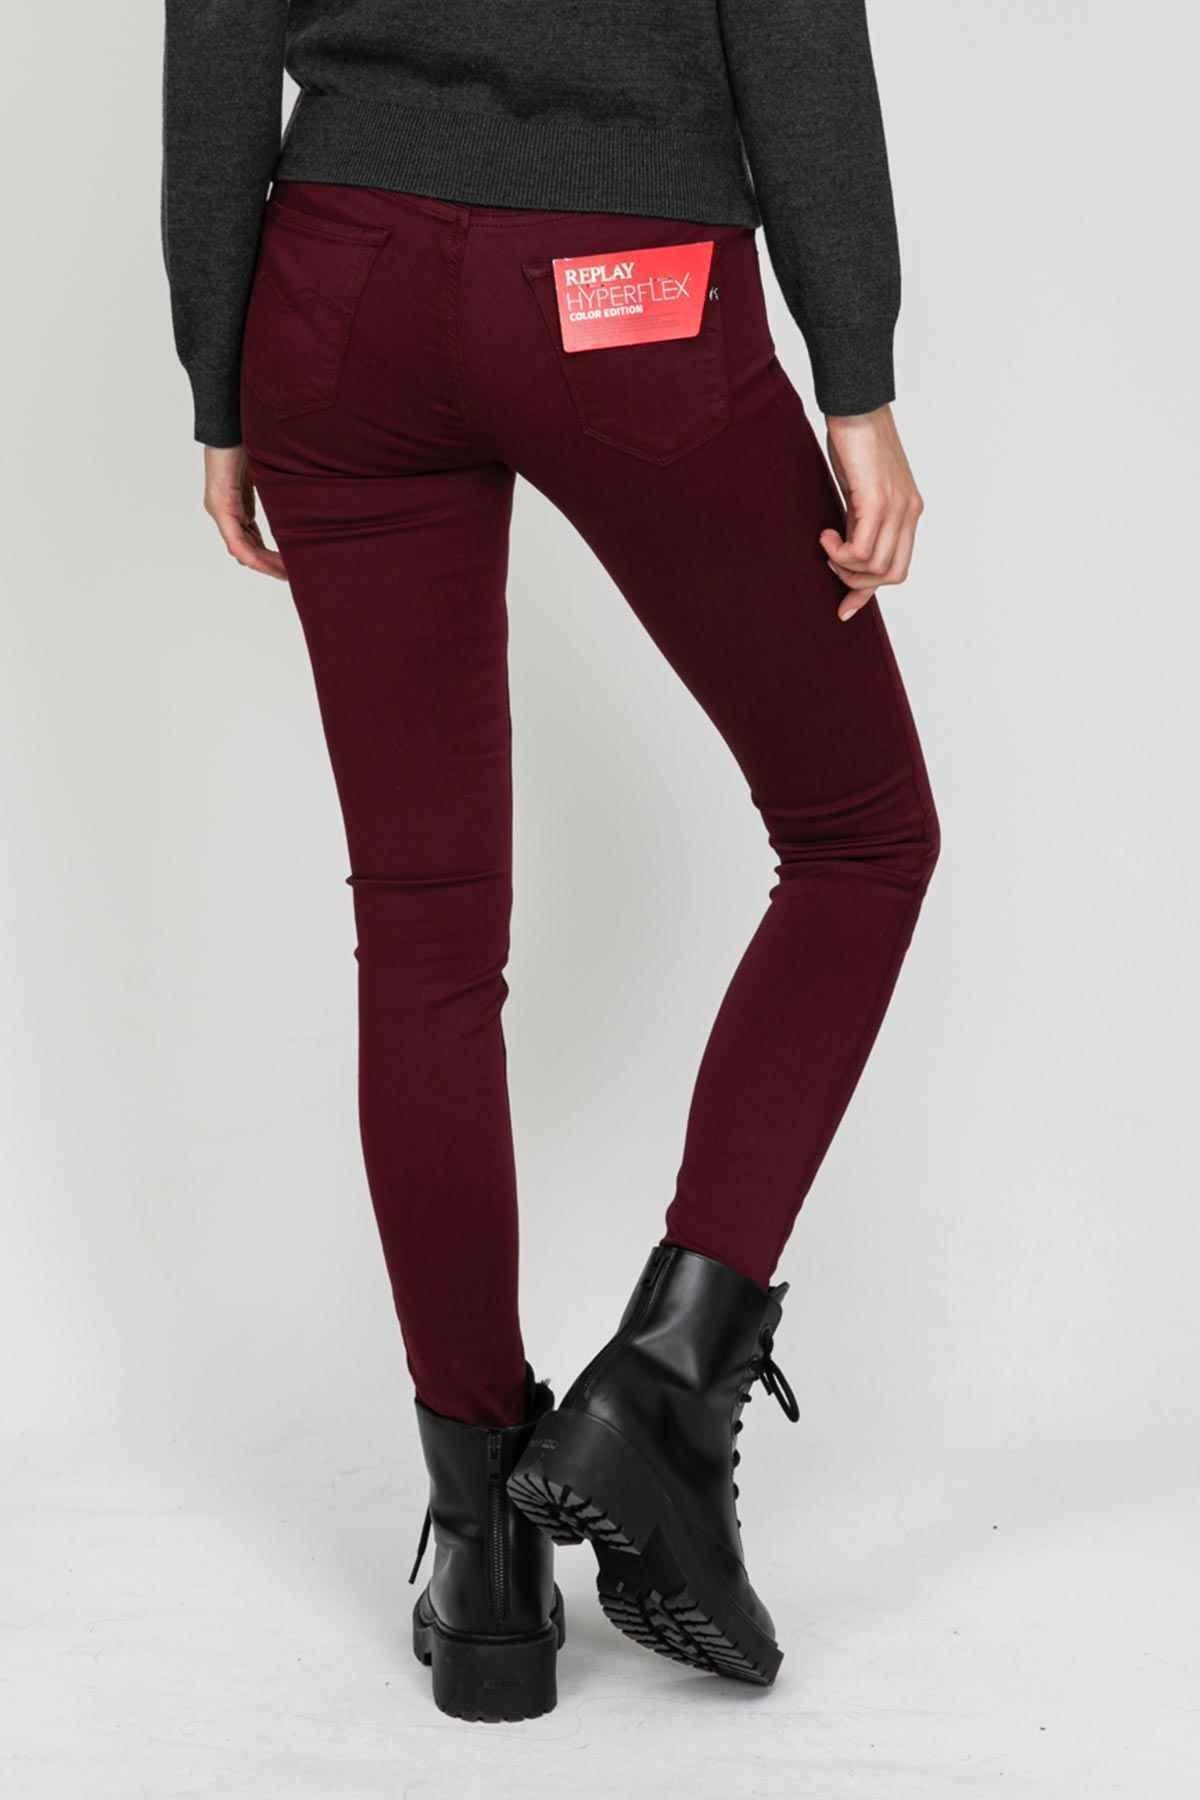 Replay Kadın Bordo Jeans 2